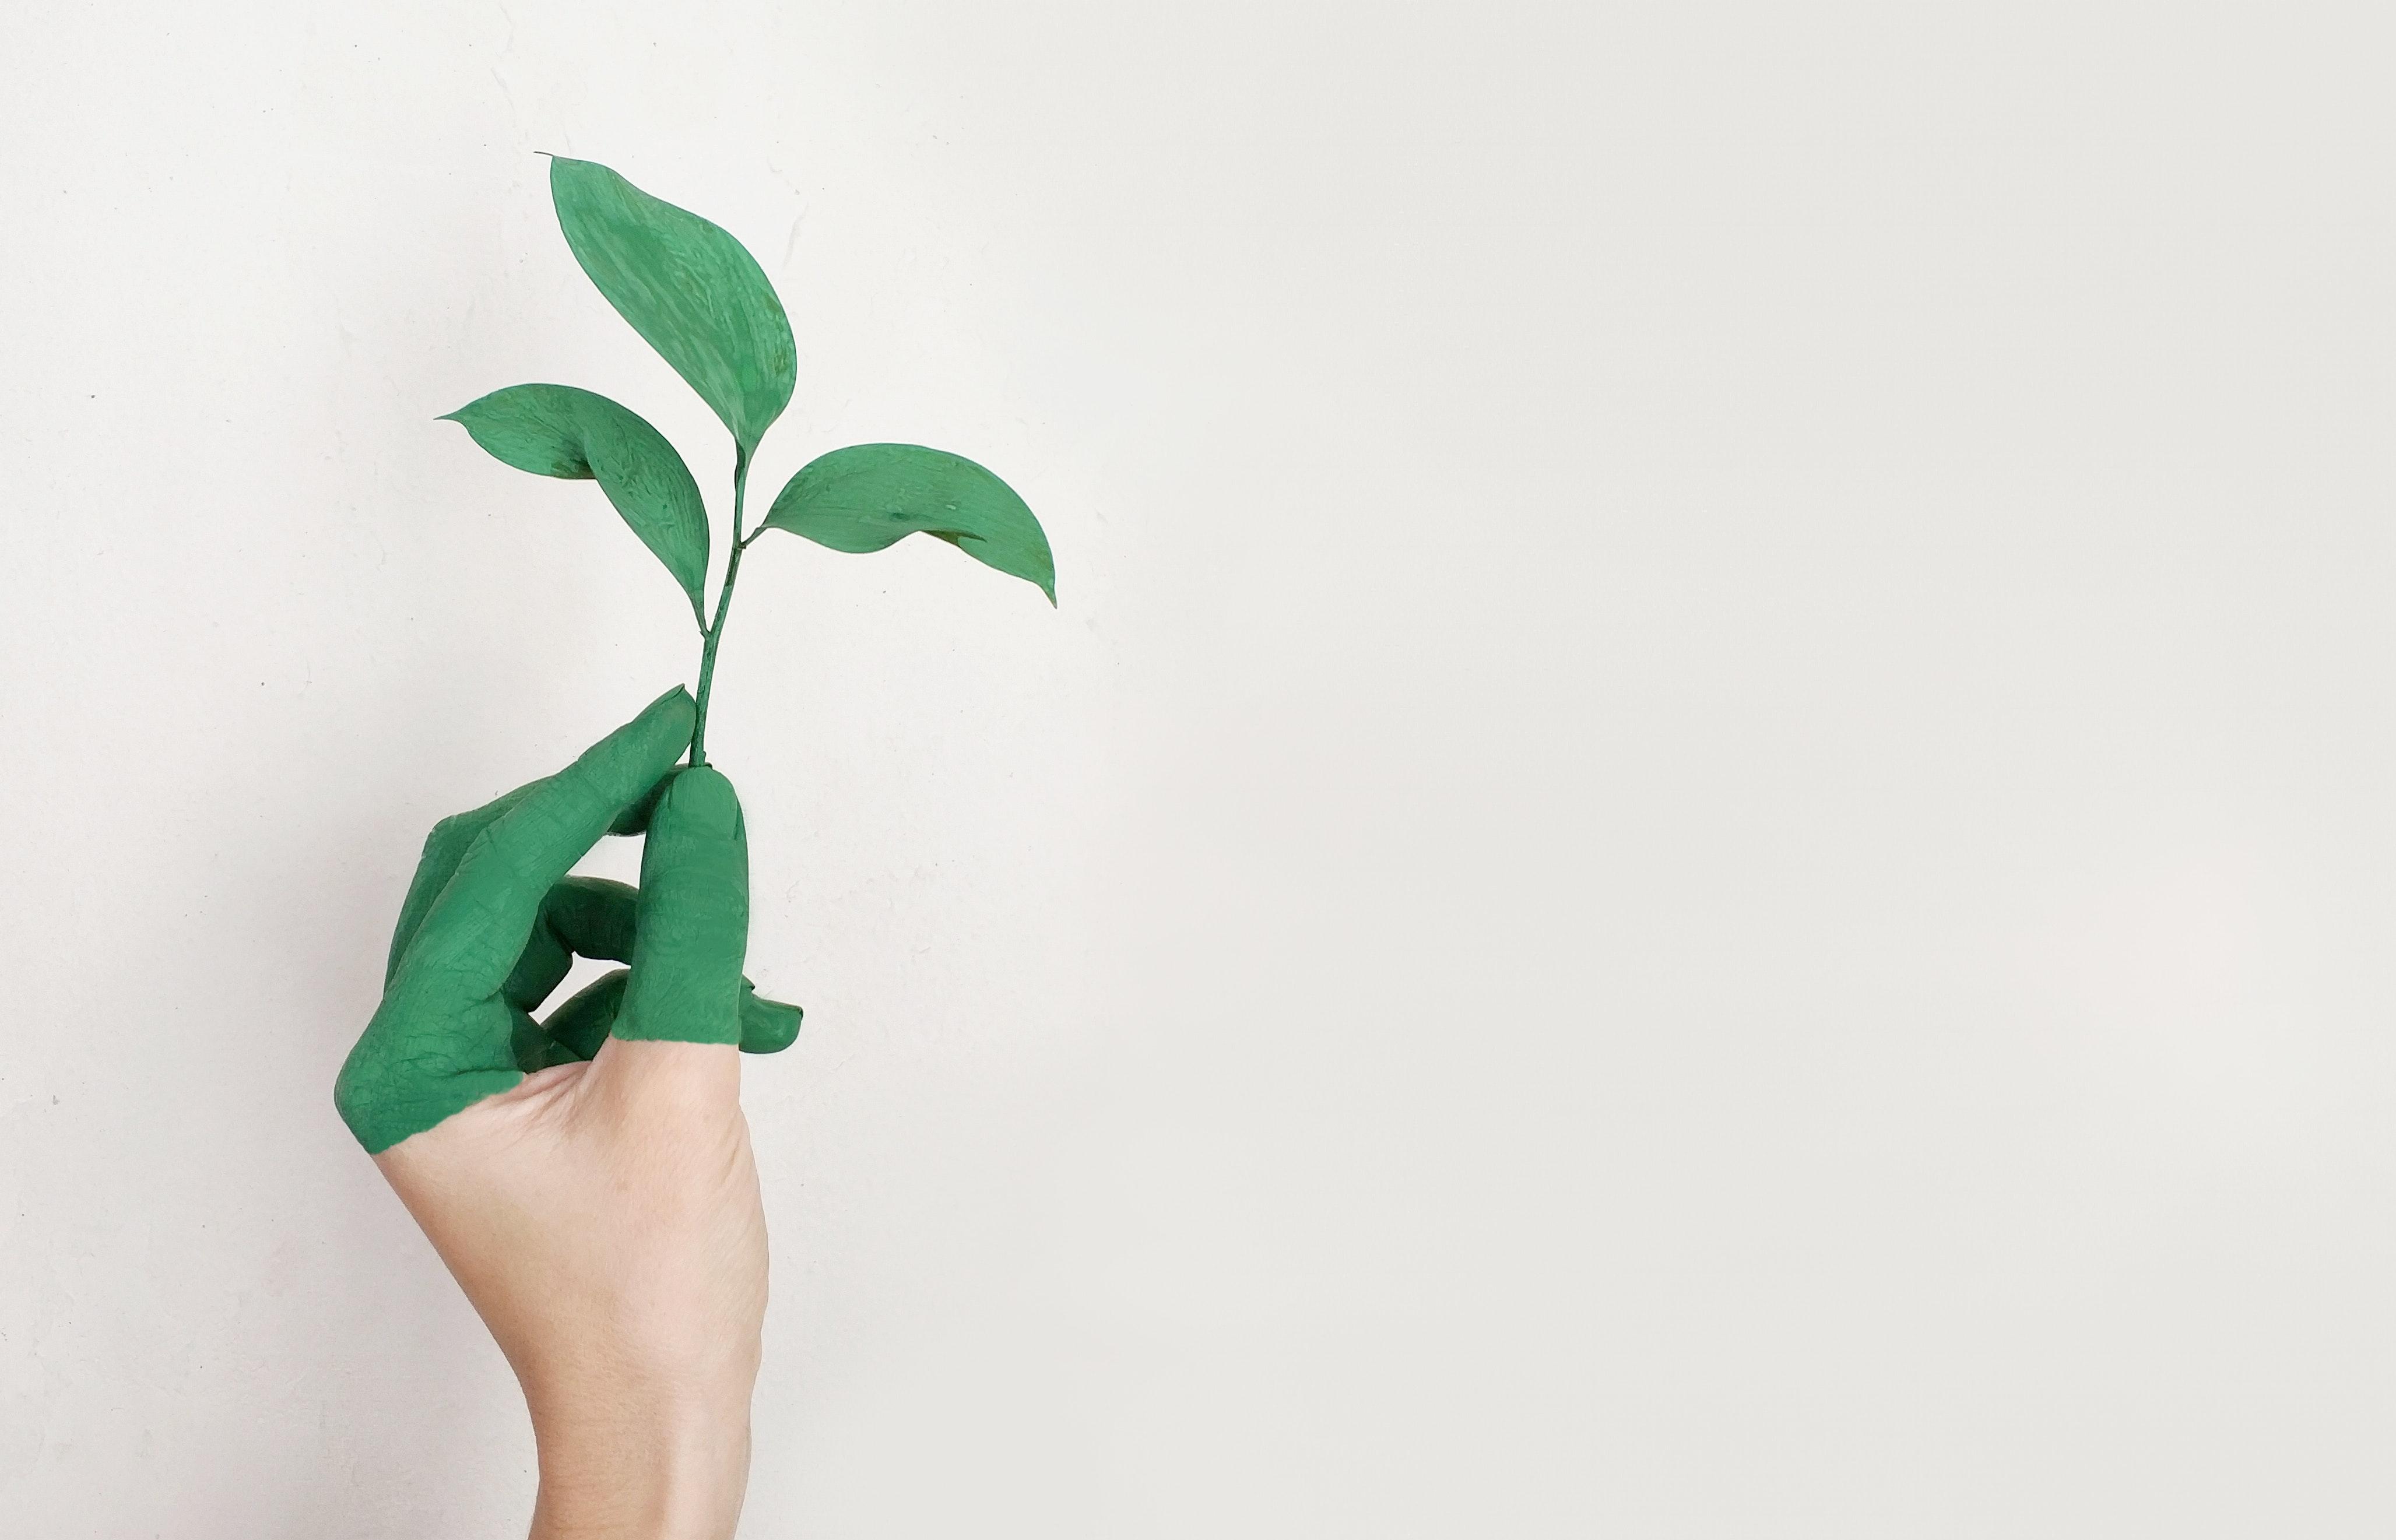 Sustentabilidade: 7 Práticas Ecológicas Para o Seu Restaurante